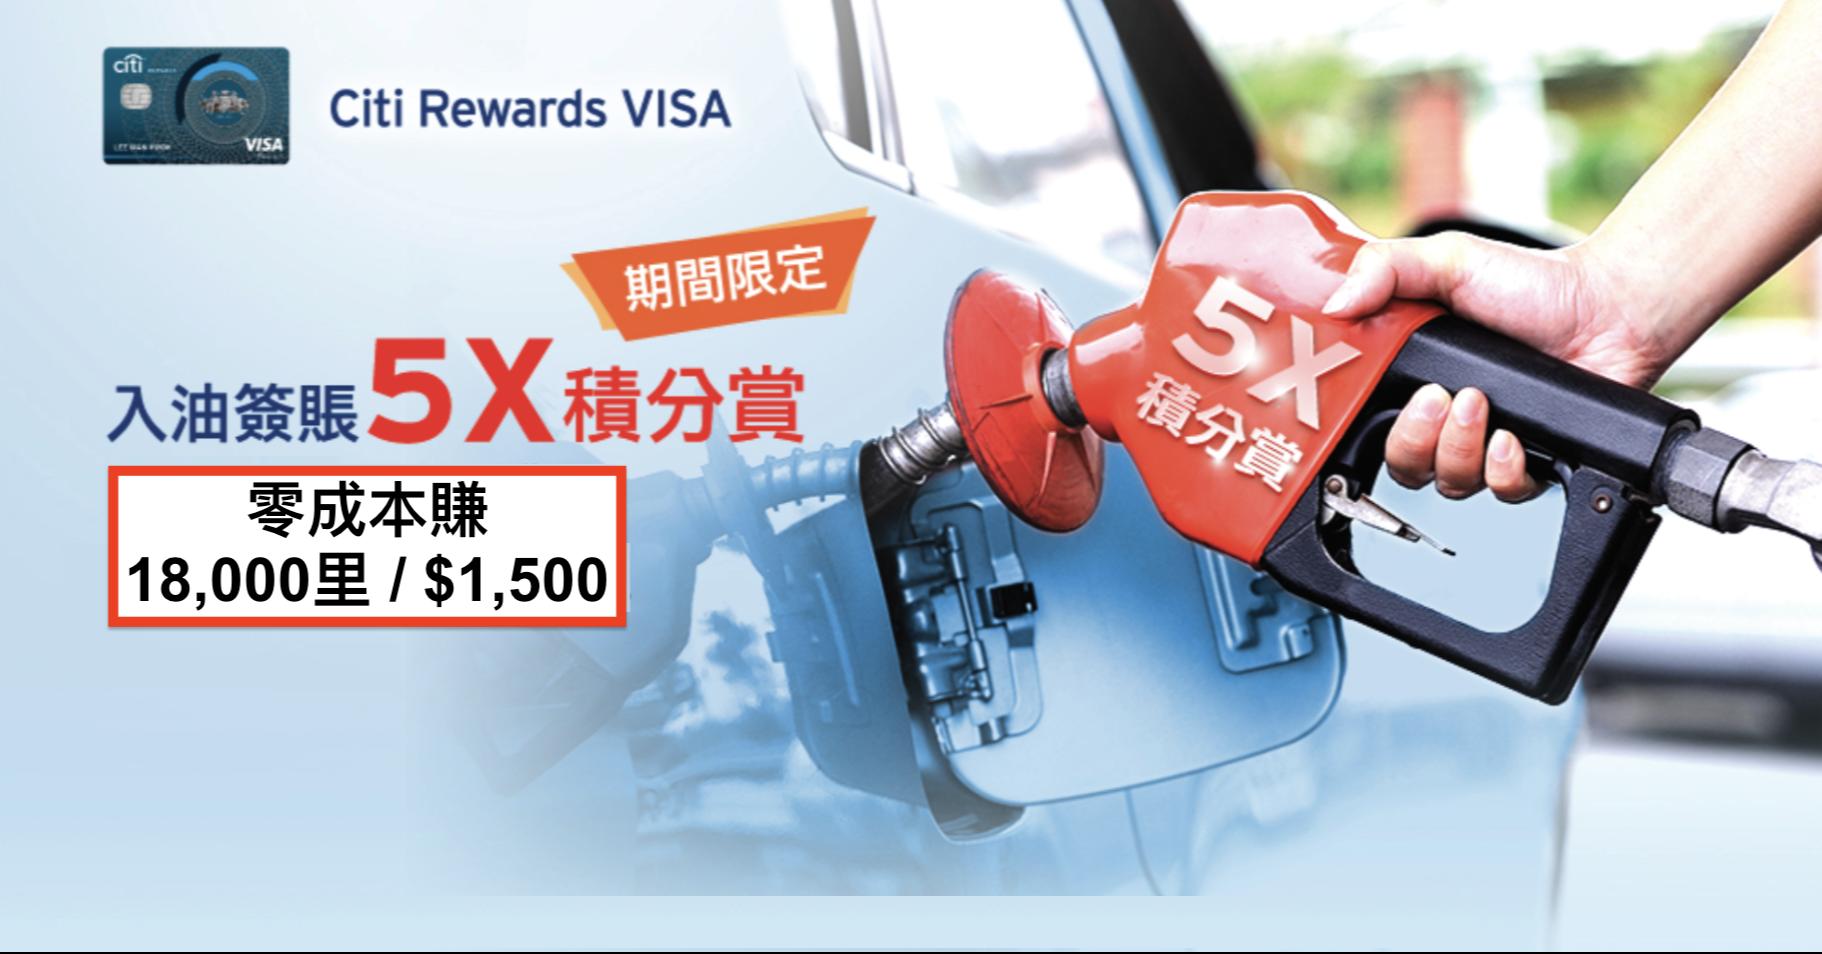 激抵!限時優惠!Citi Rewards 零成本賺18,000里 或 $1,500!差唔多夠換來回日本機票啦!Payme/支付寶/Wechat Pay都計迎新啊!油站簽賬亦係$3/里!